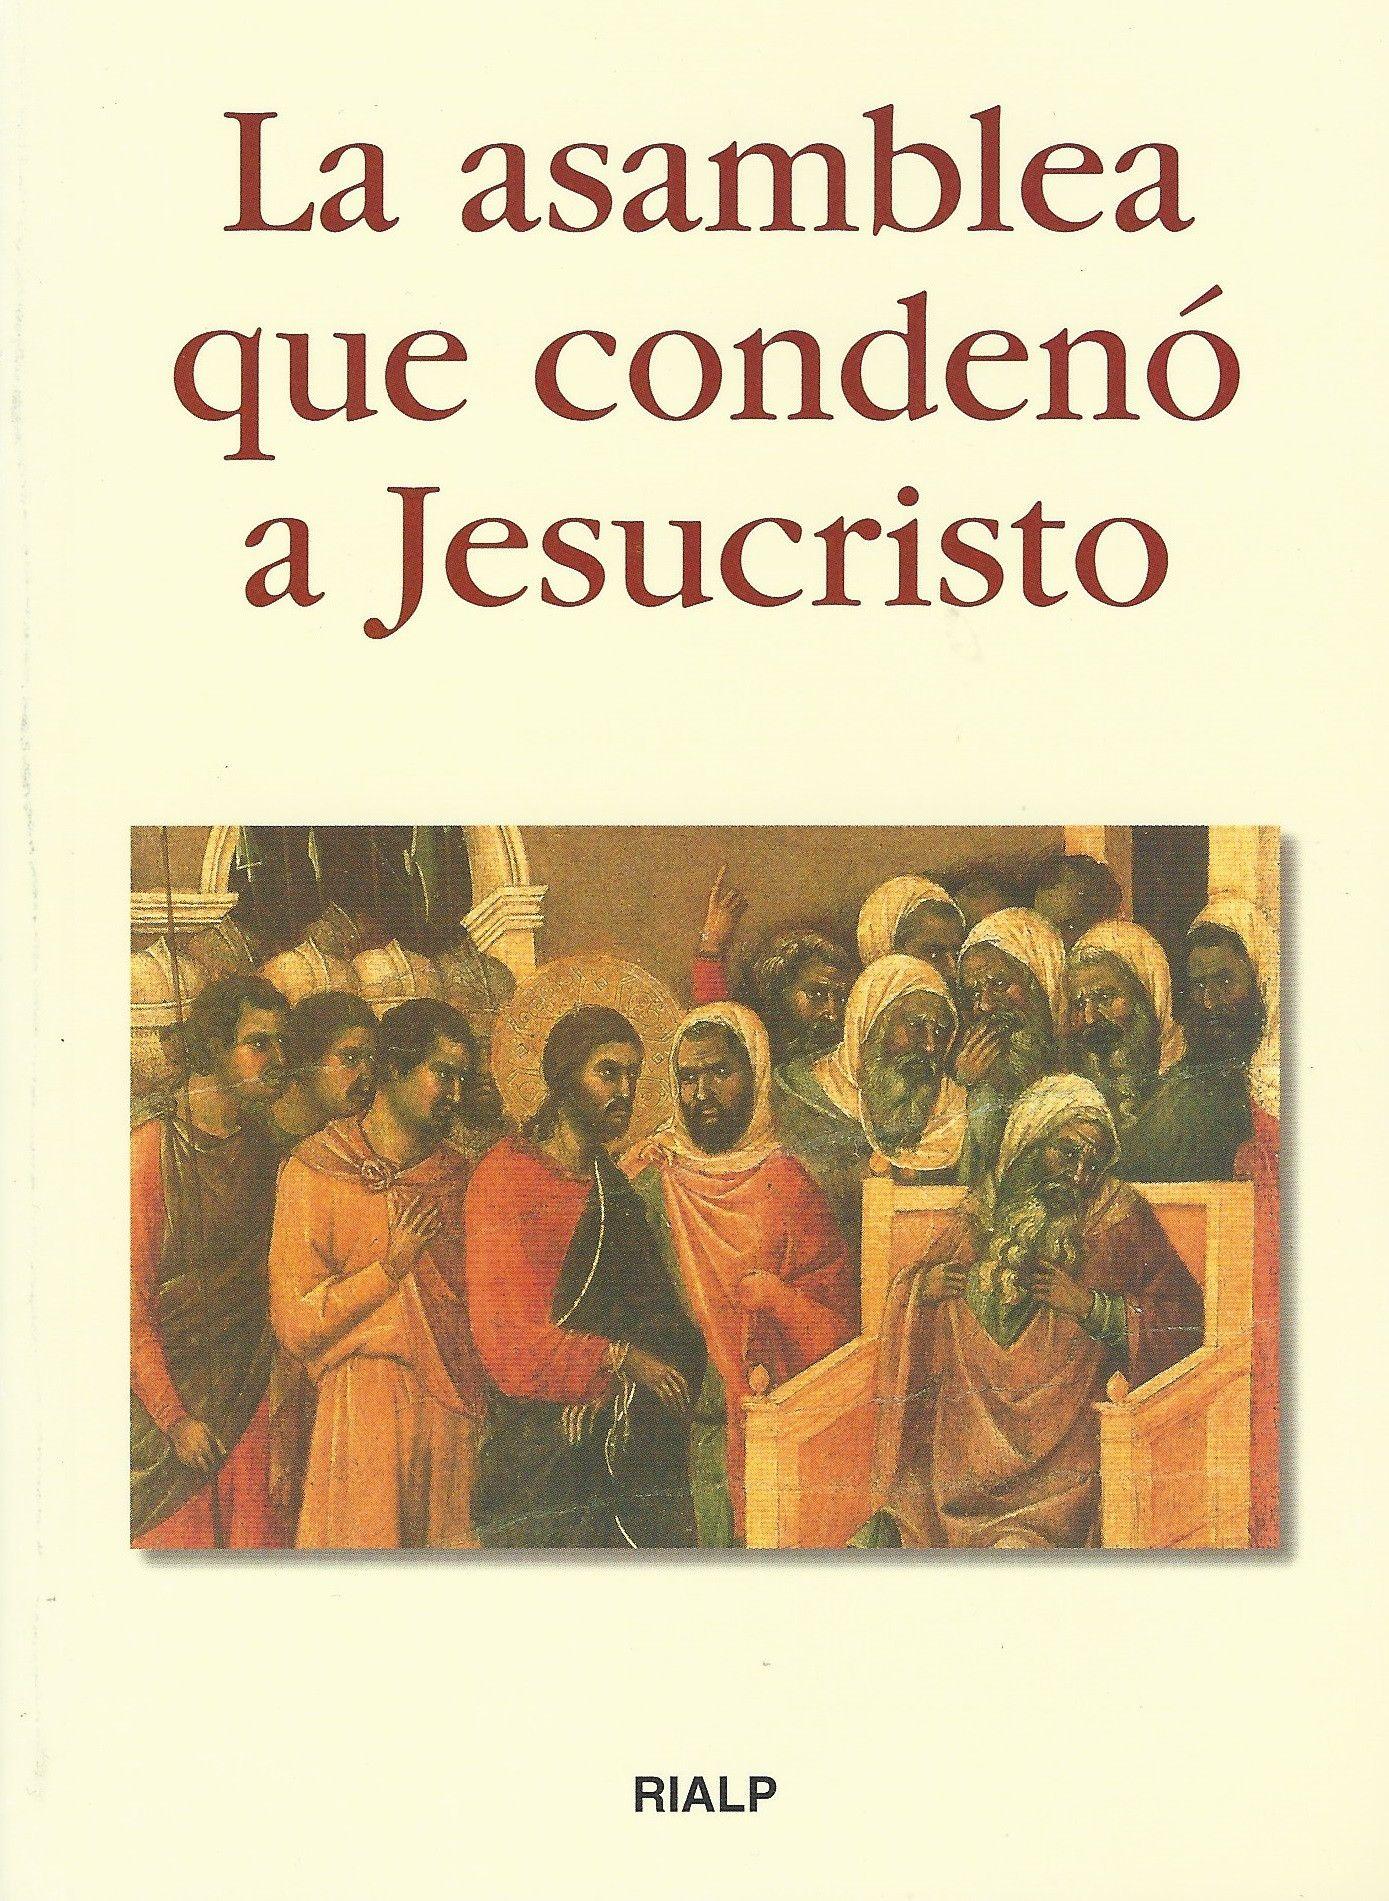 Asamblea que Condenó a Jesucristo, La